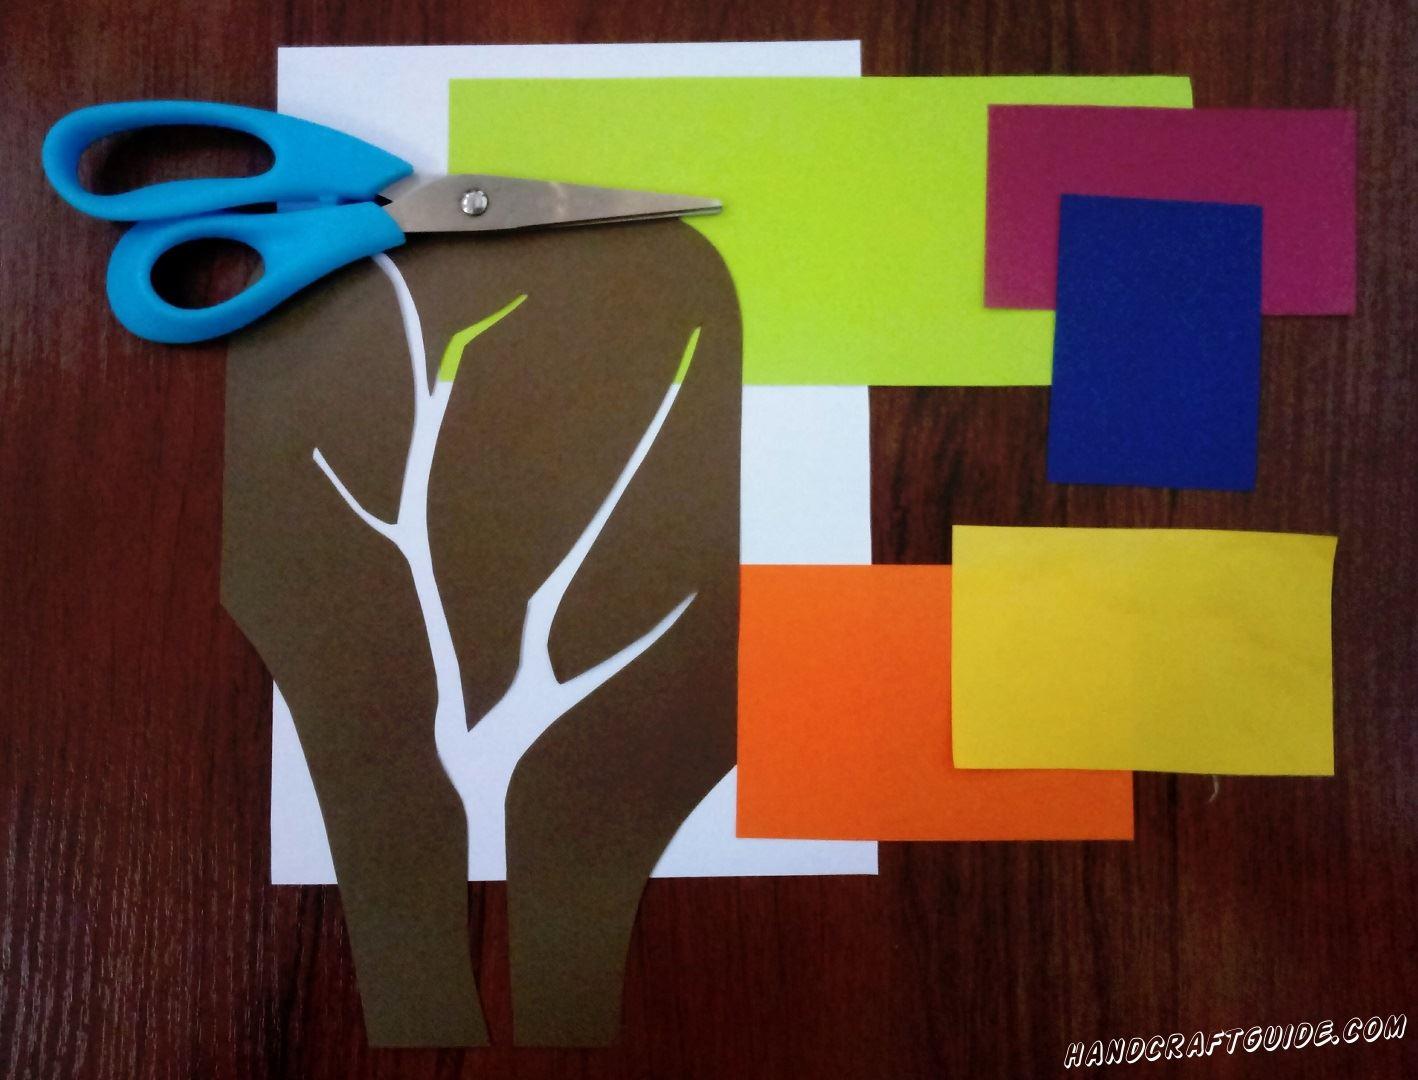 Для начала вырезаем все необходимые детали. На коричневой бумаге рисуем дерево только с ветками без листьев и вырезаем его, оставляем себе фон, а не само дерево. Затем берем салатовую бумагу и вырезаем 10 листочков. Затем вырезаем фигурки в форме крылышек птичек. Нам нужно 2 большие желтого оранжевого цвета и 2 маленькие - синего и розового цвета.